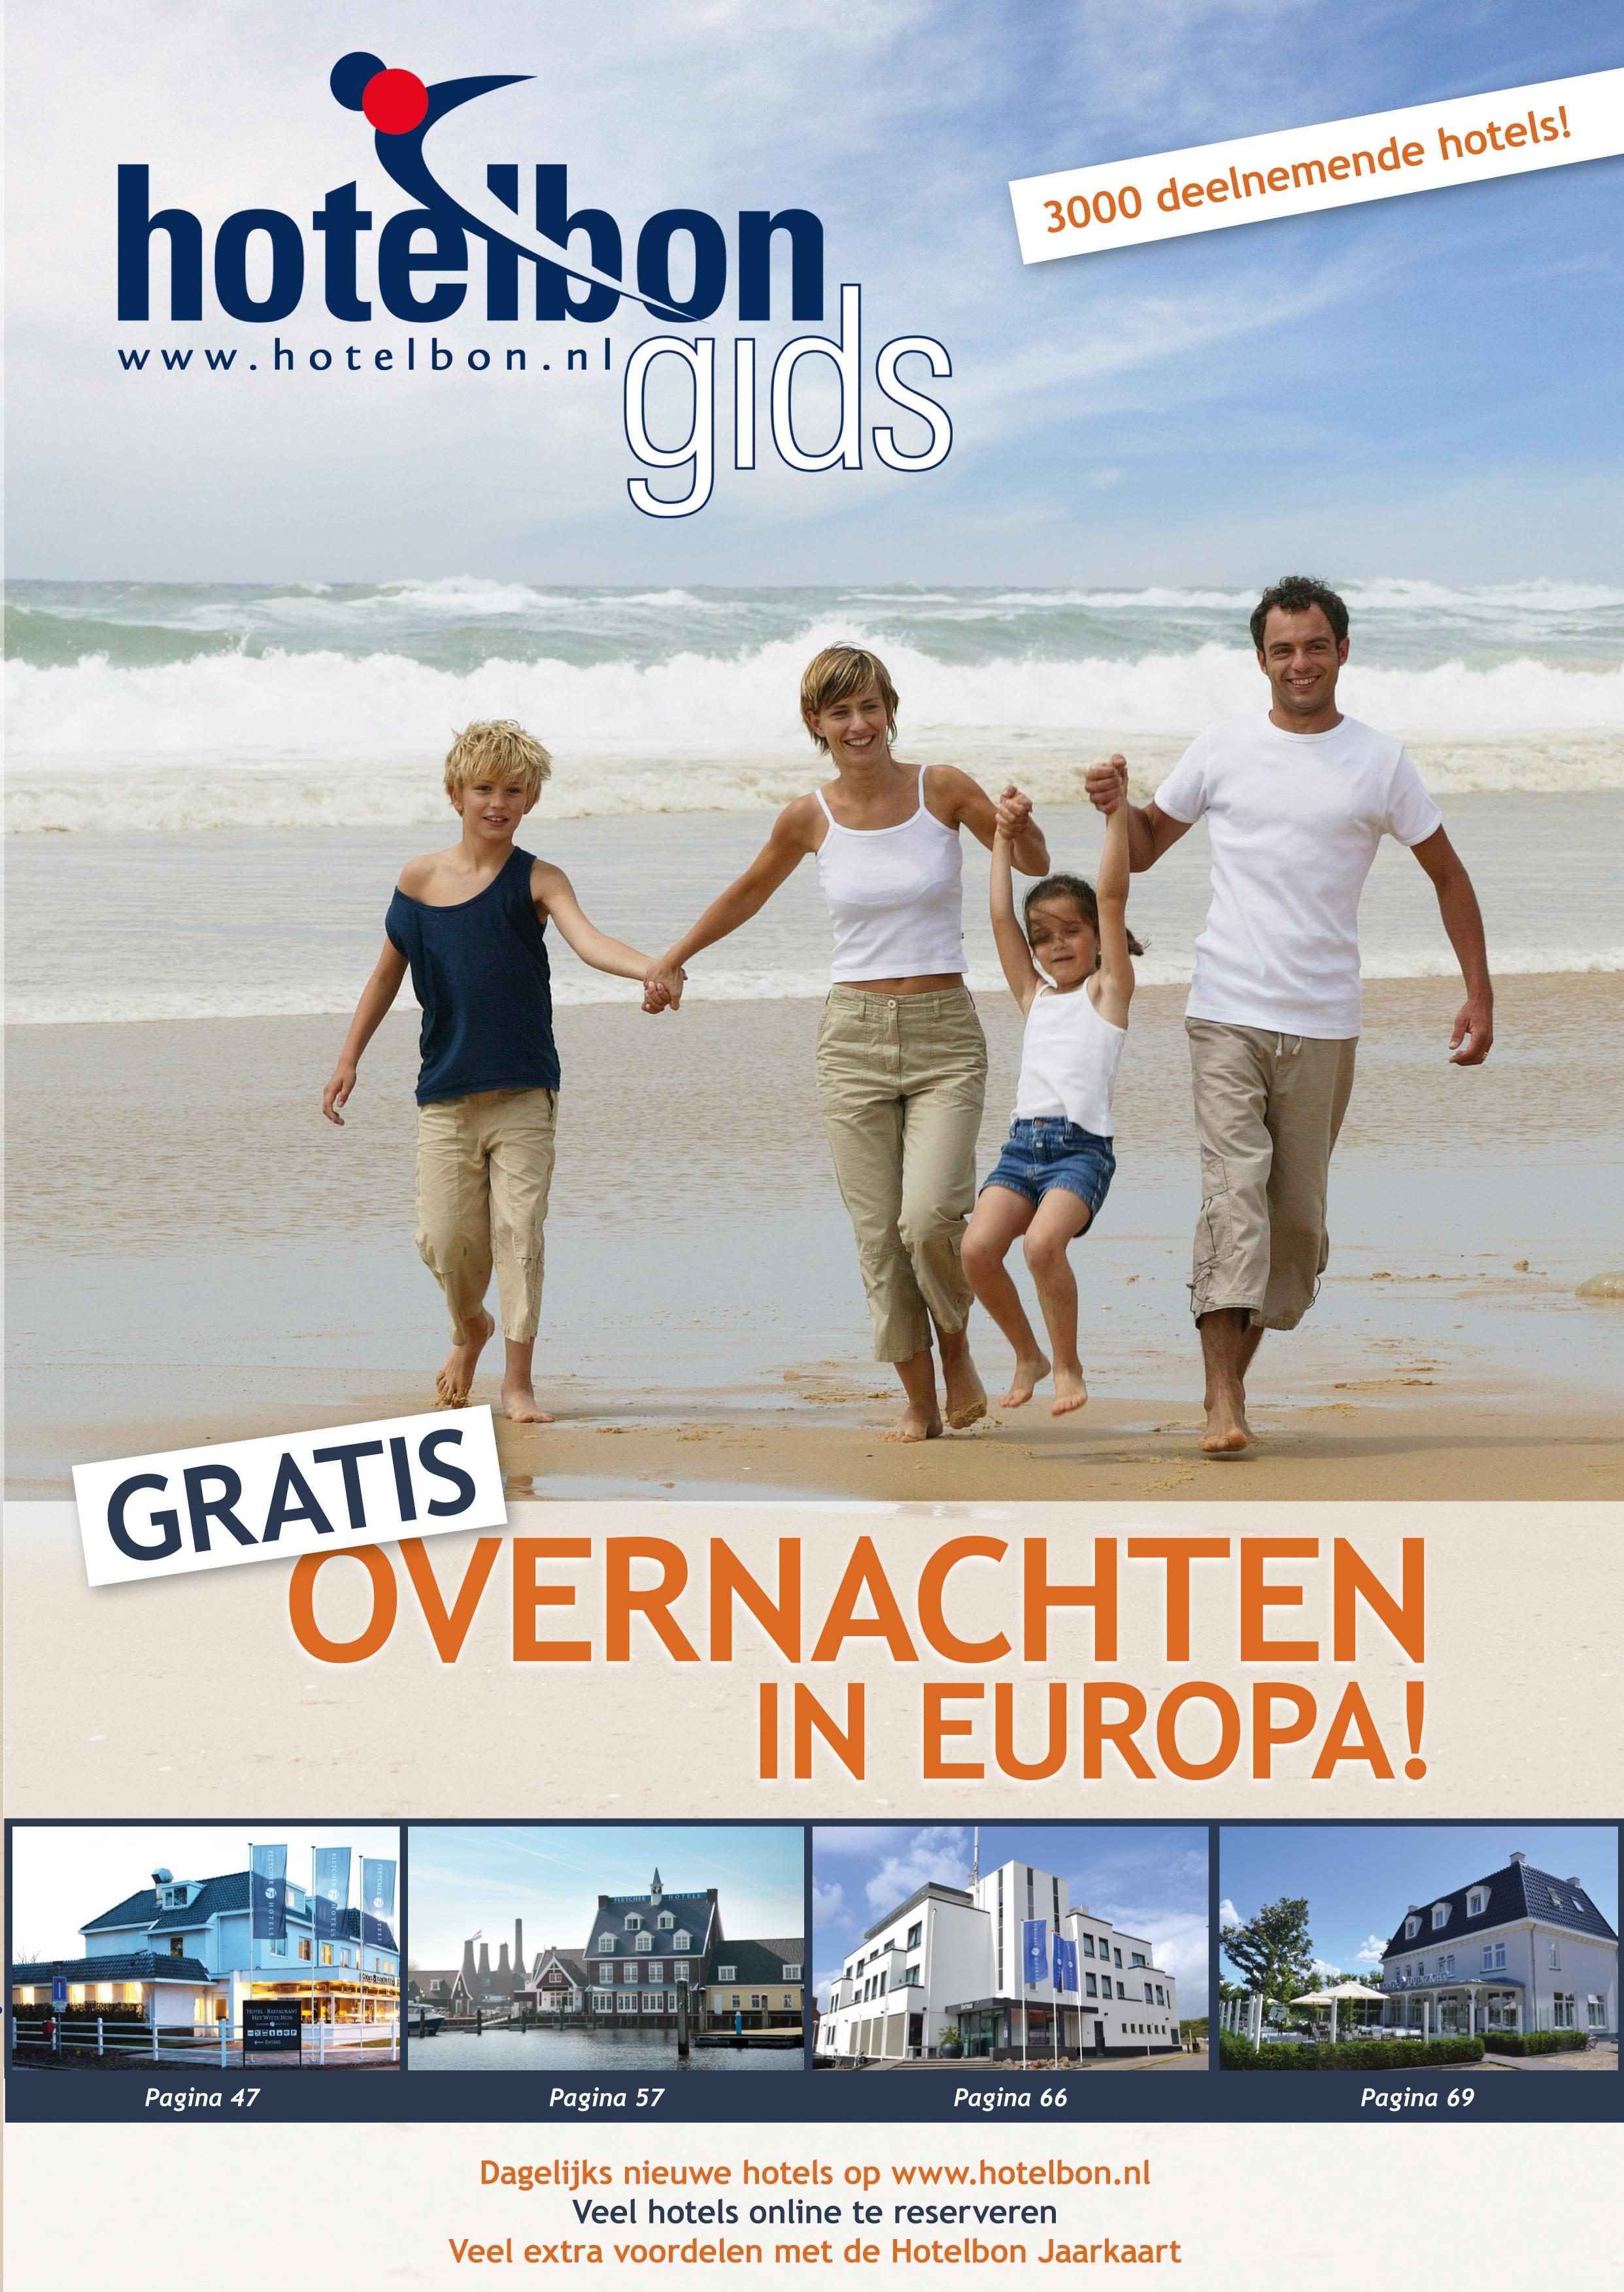 12-01880 Hotelbon-Brochure-Omslag 2013.indd